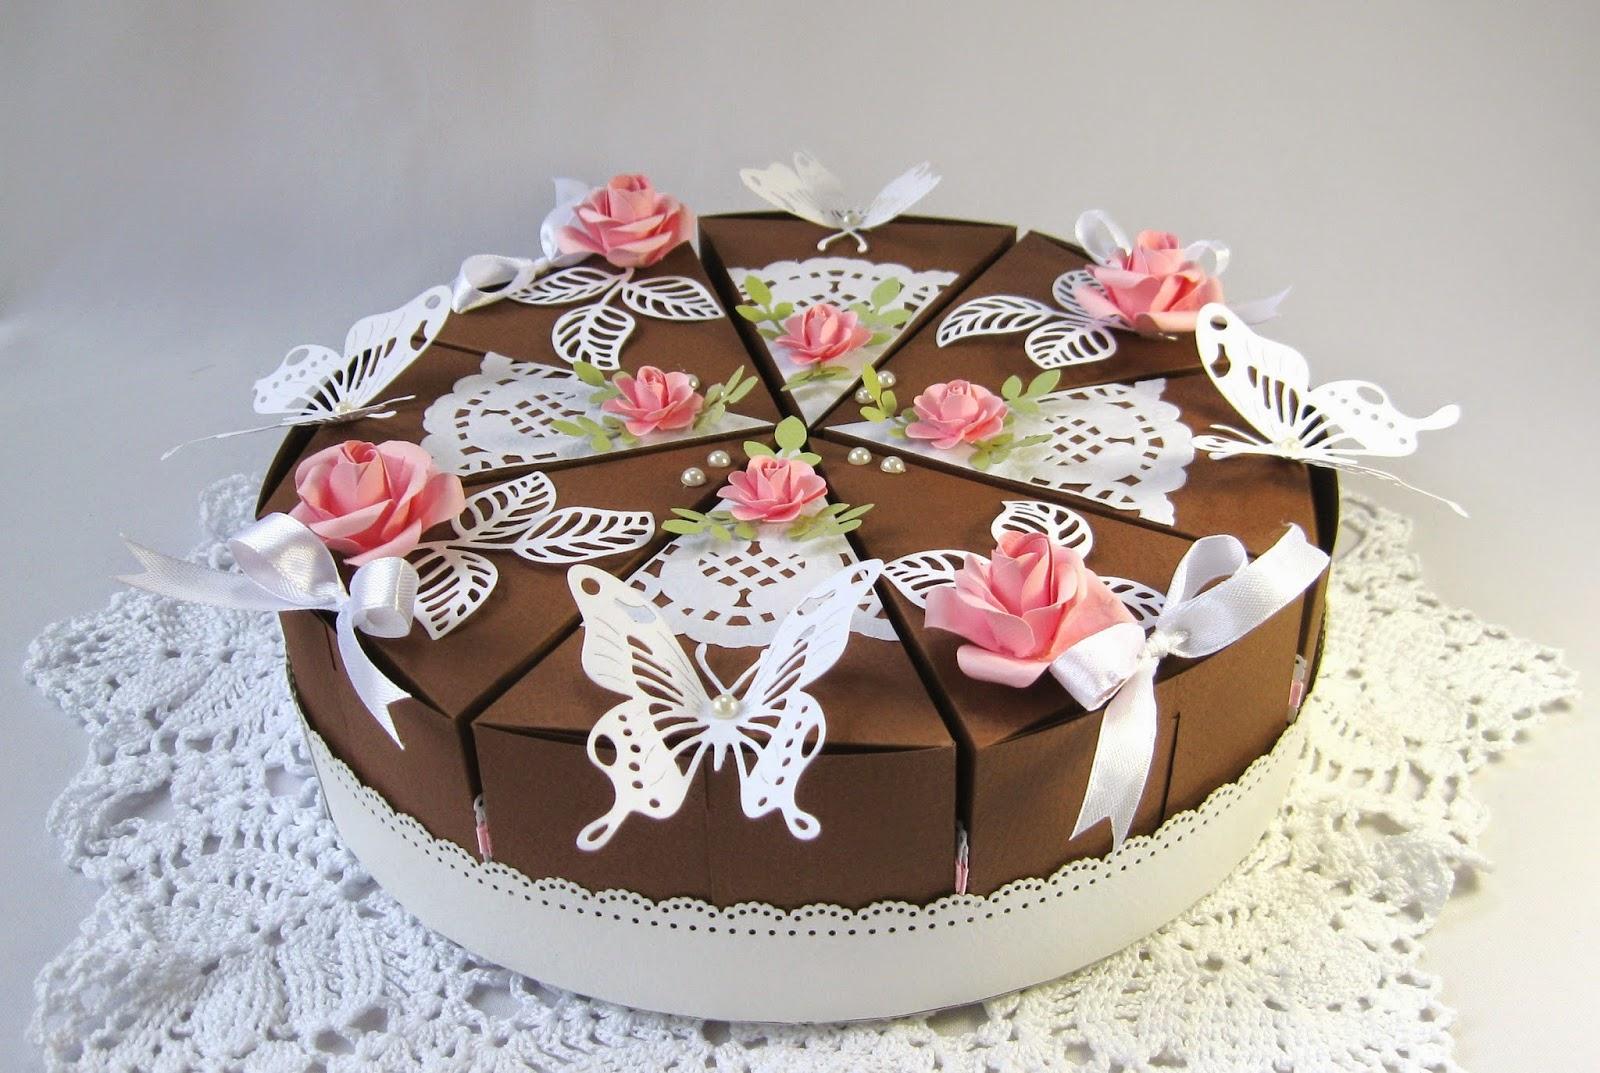 прикреплены торт с пожеланиями идеи фирма последствии